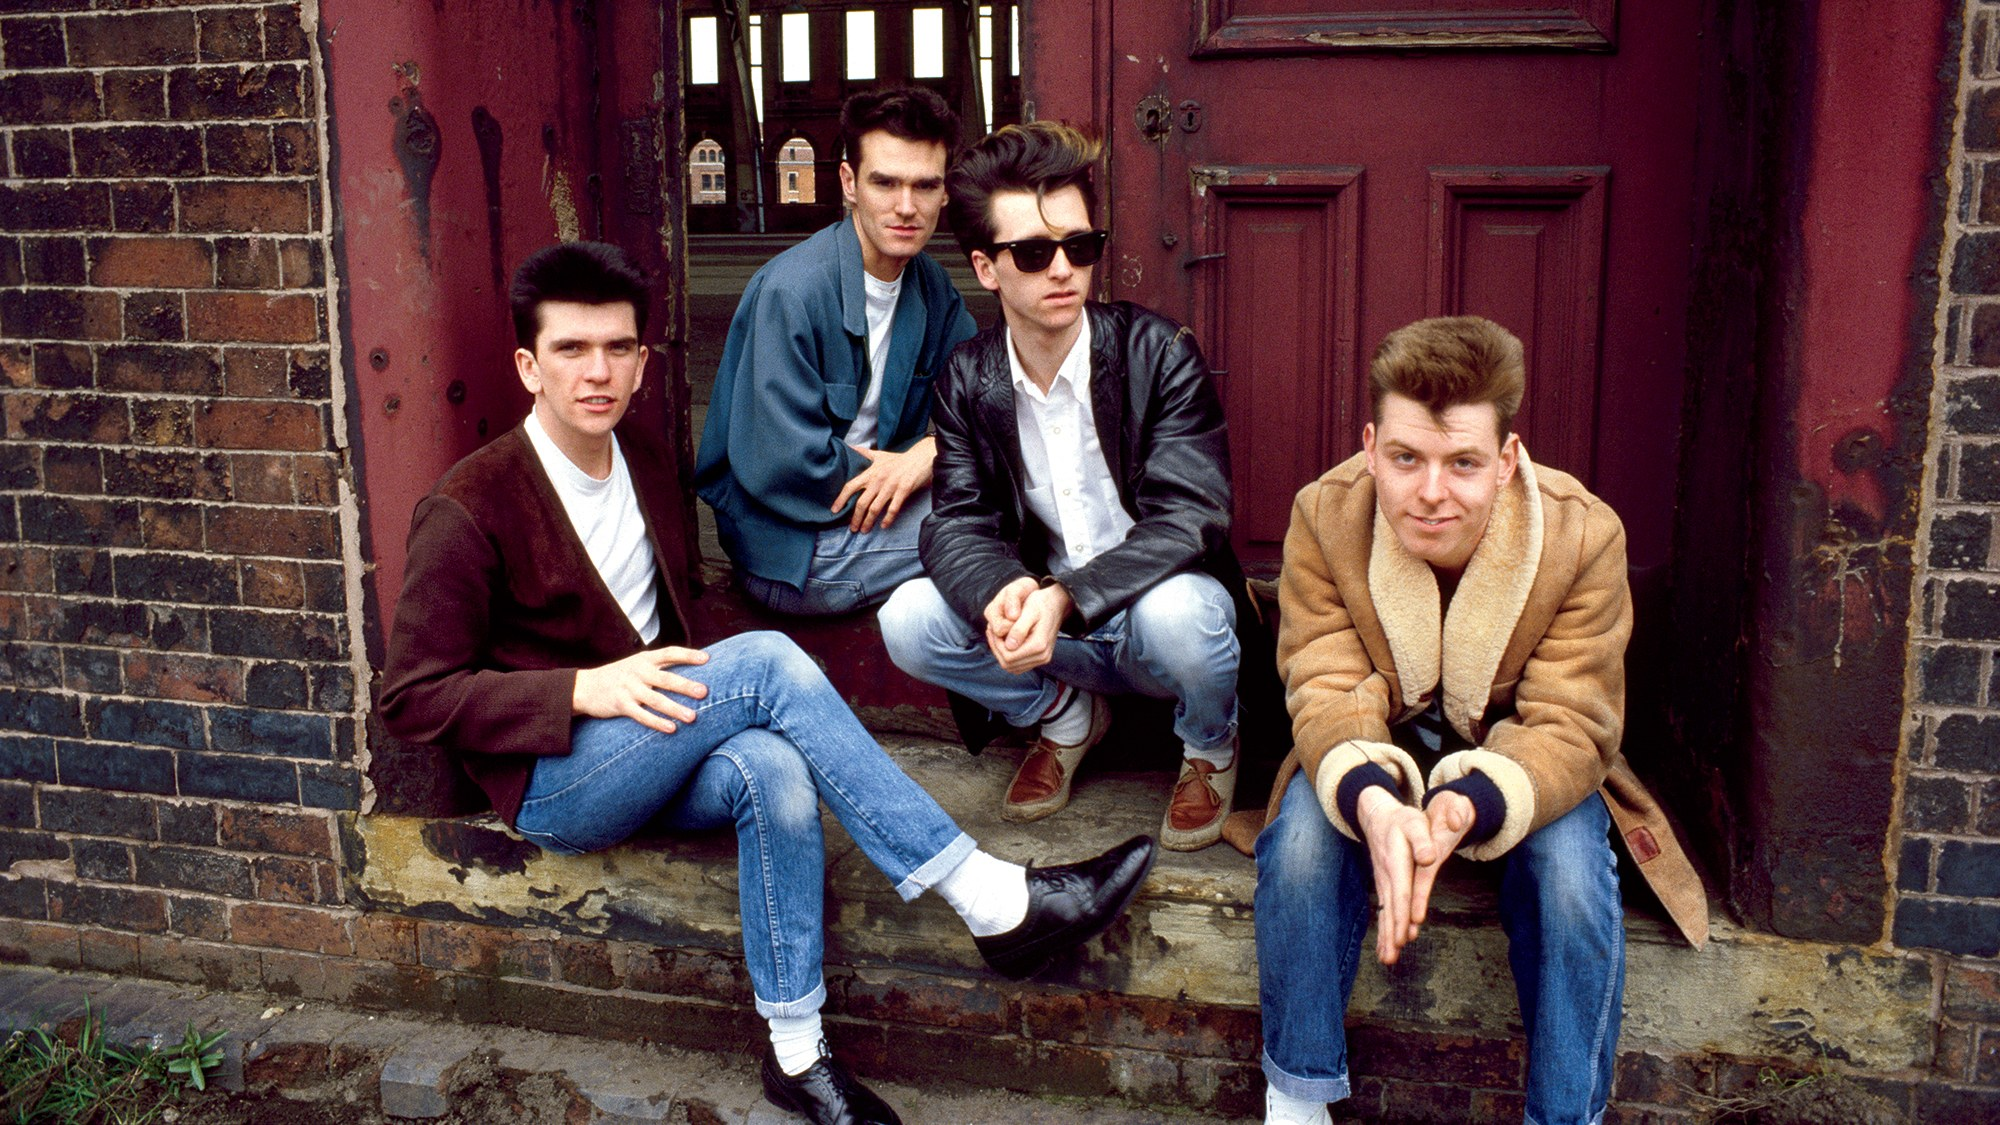 Fans de The Smiths son neuróticos — Según Cambrigde Analytica